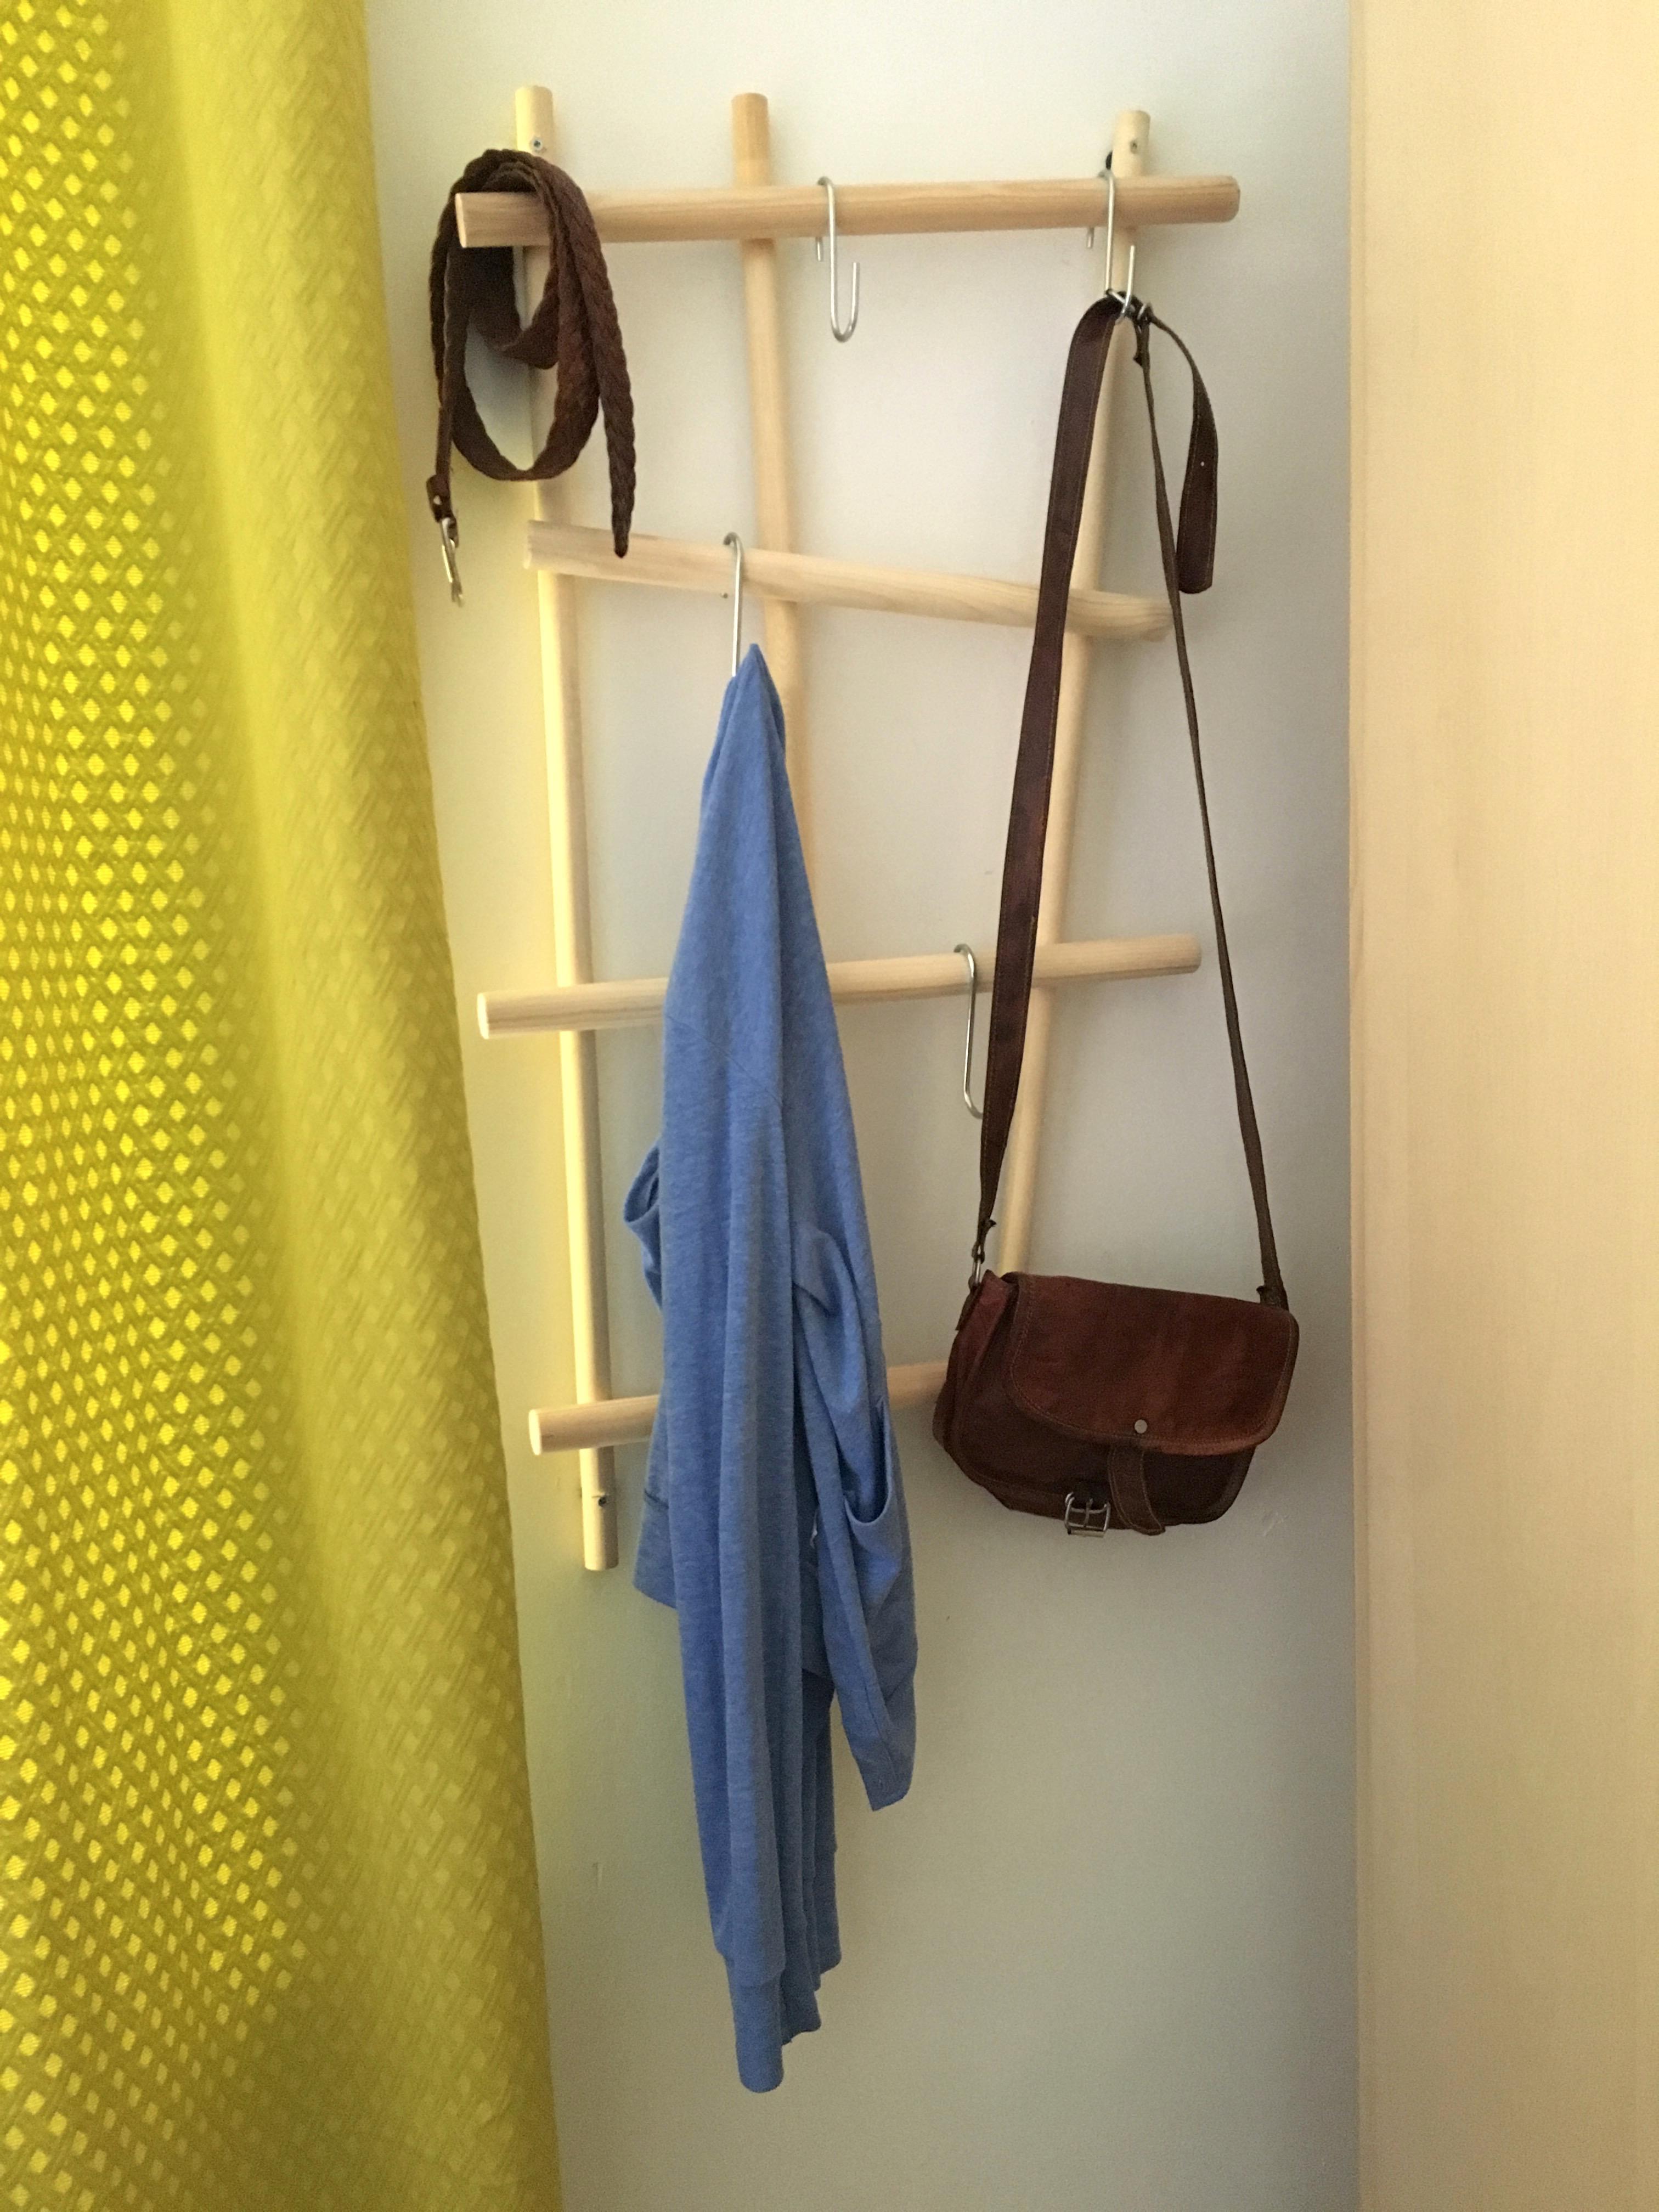 Selbstgebaute Garderobe #diy #garderobe #hakenleiste #kleideraufbewahrung